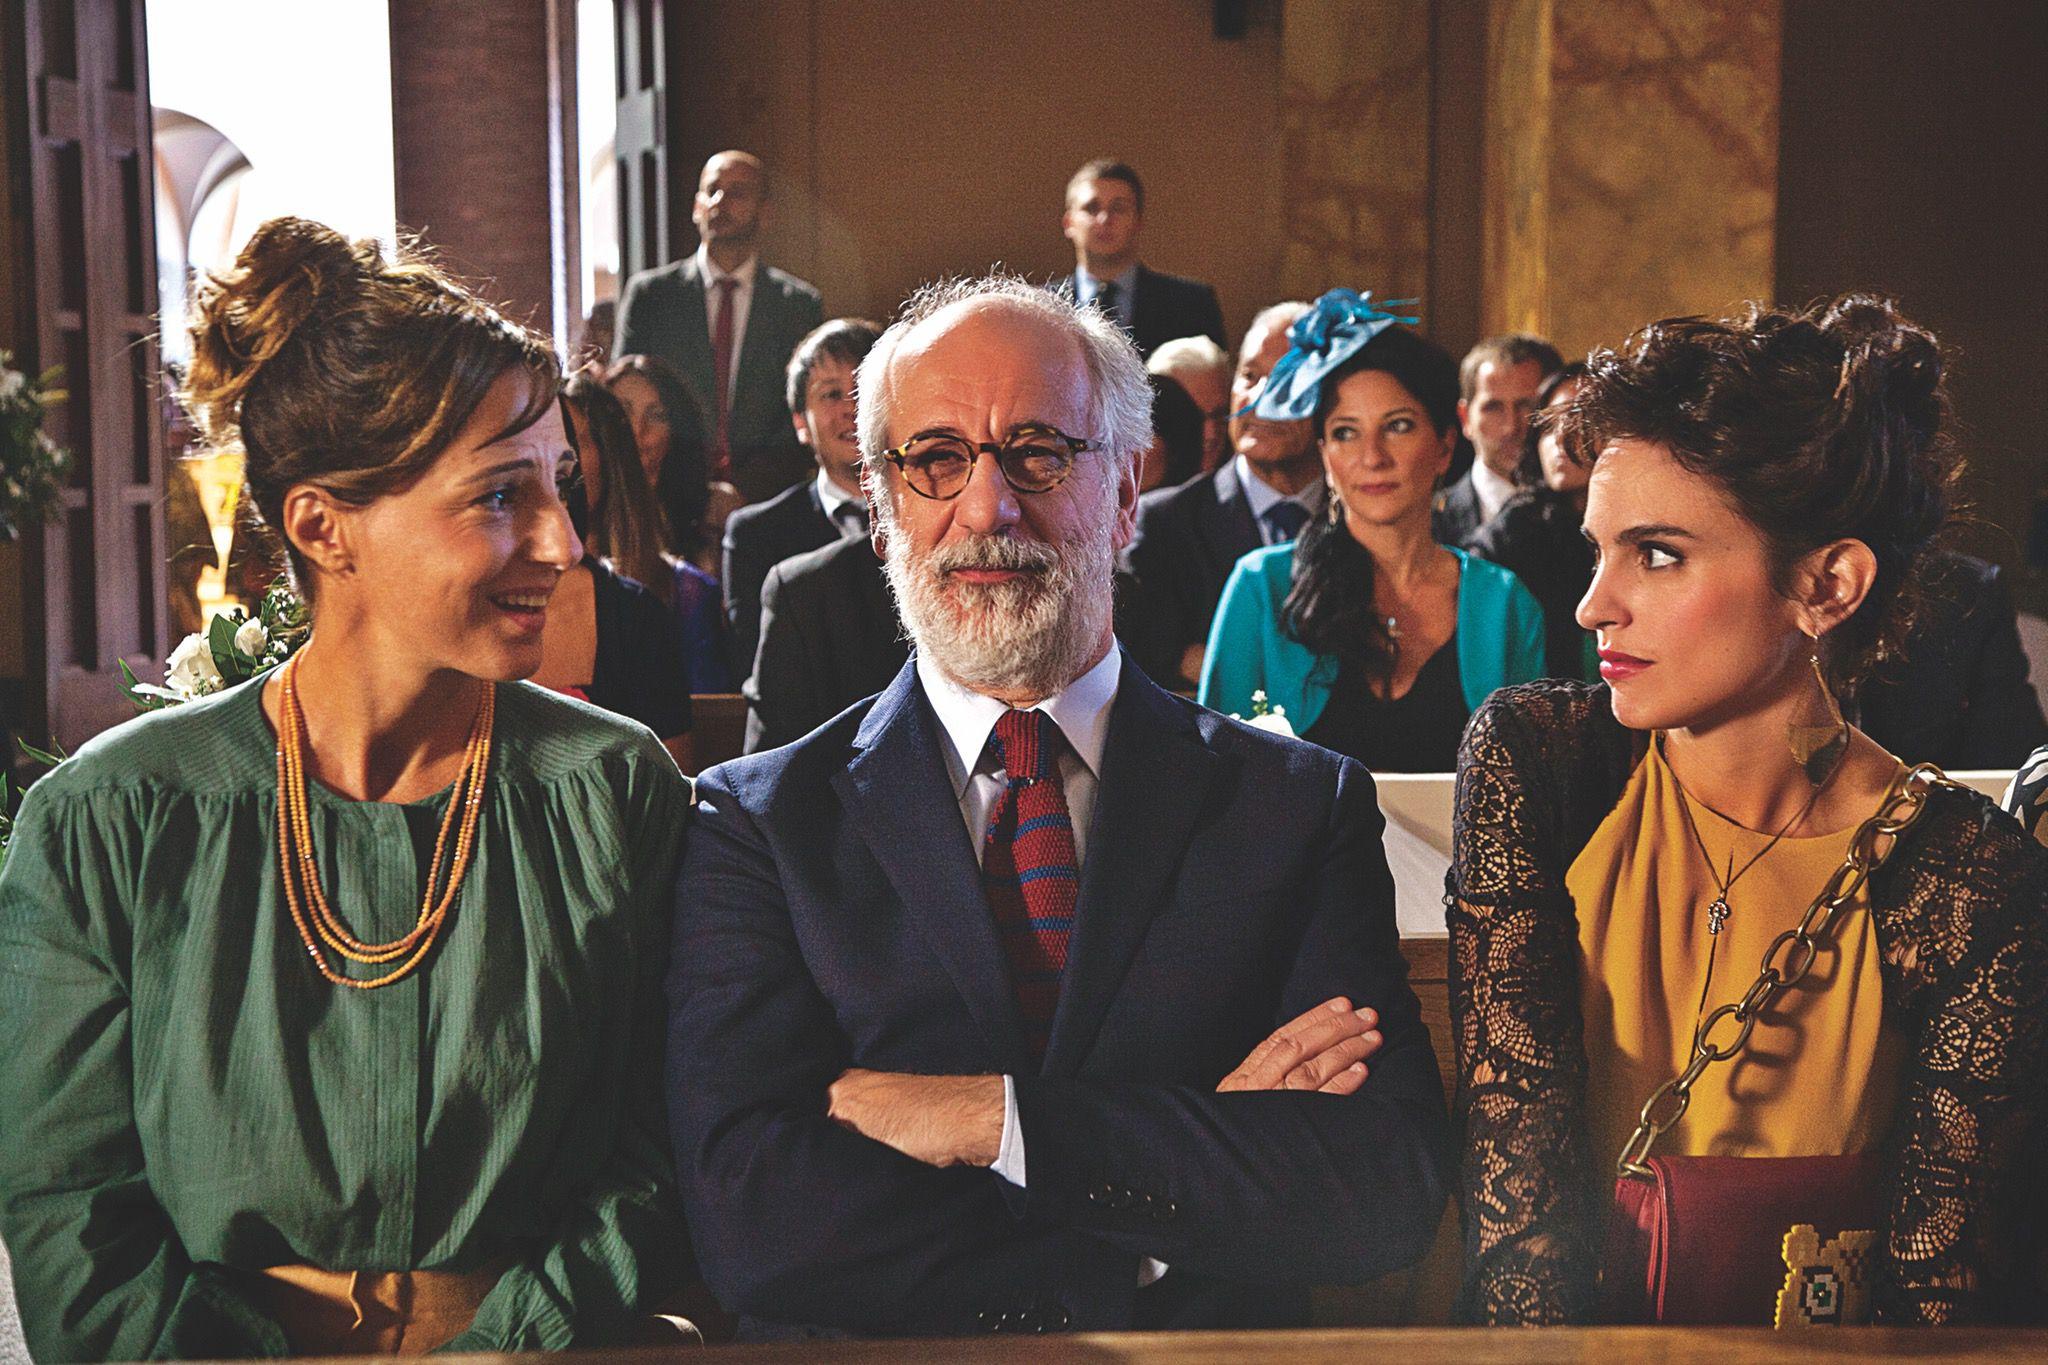 кстати, итальянские фильмы на русском языке скамье сидит парень